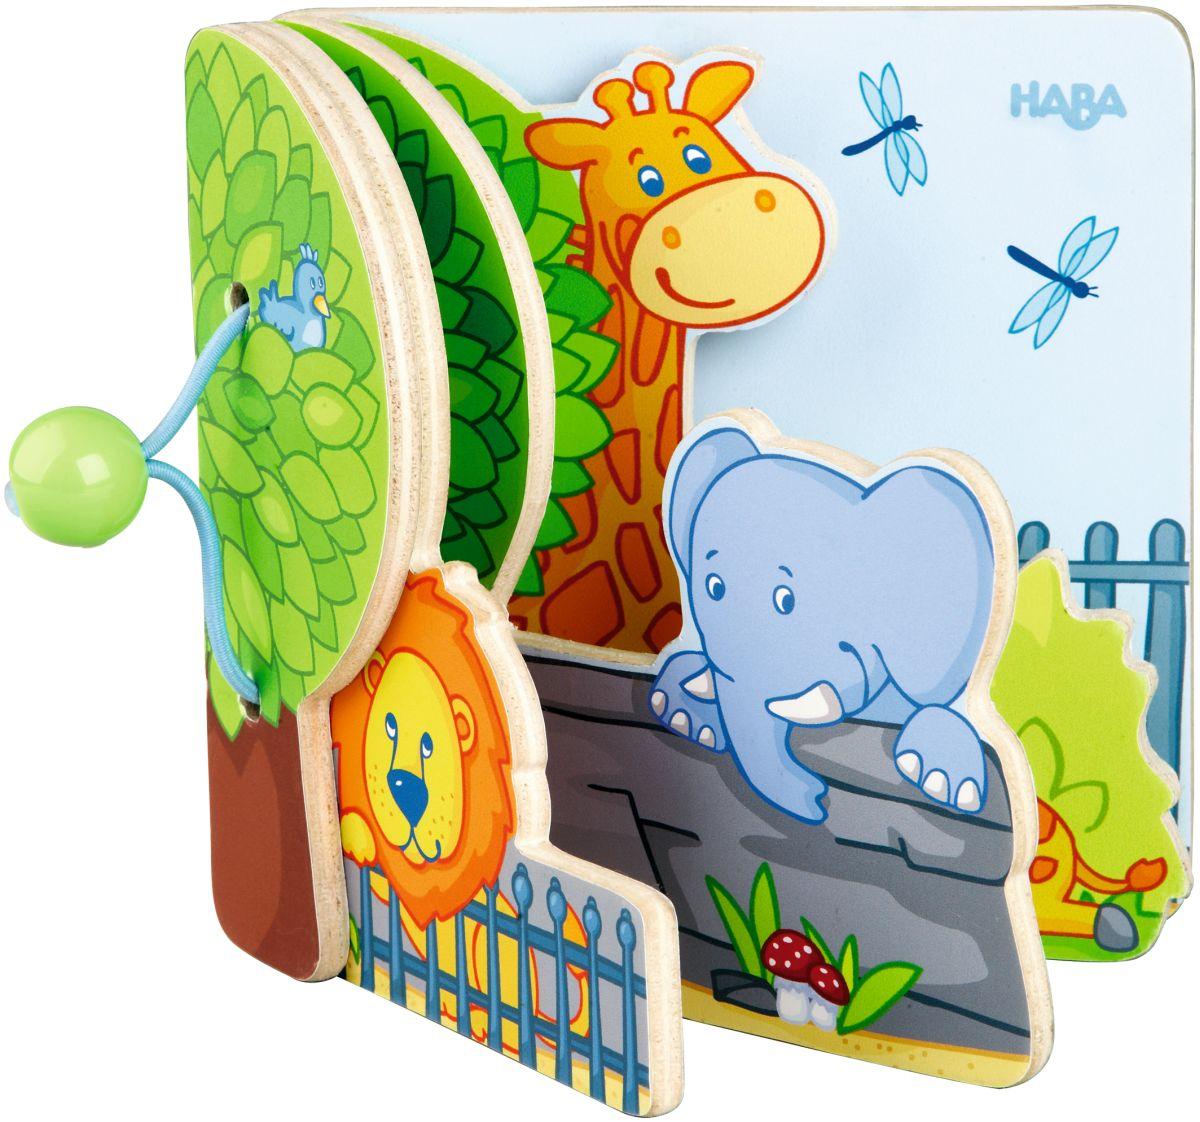 haba babybuch zoofreunde 300129 ab 1 jahr bilderb cher b cher spiel mein. Black Bedroom Furniture Sets. Home Design Ideas